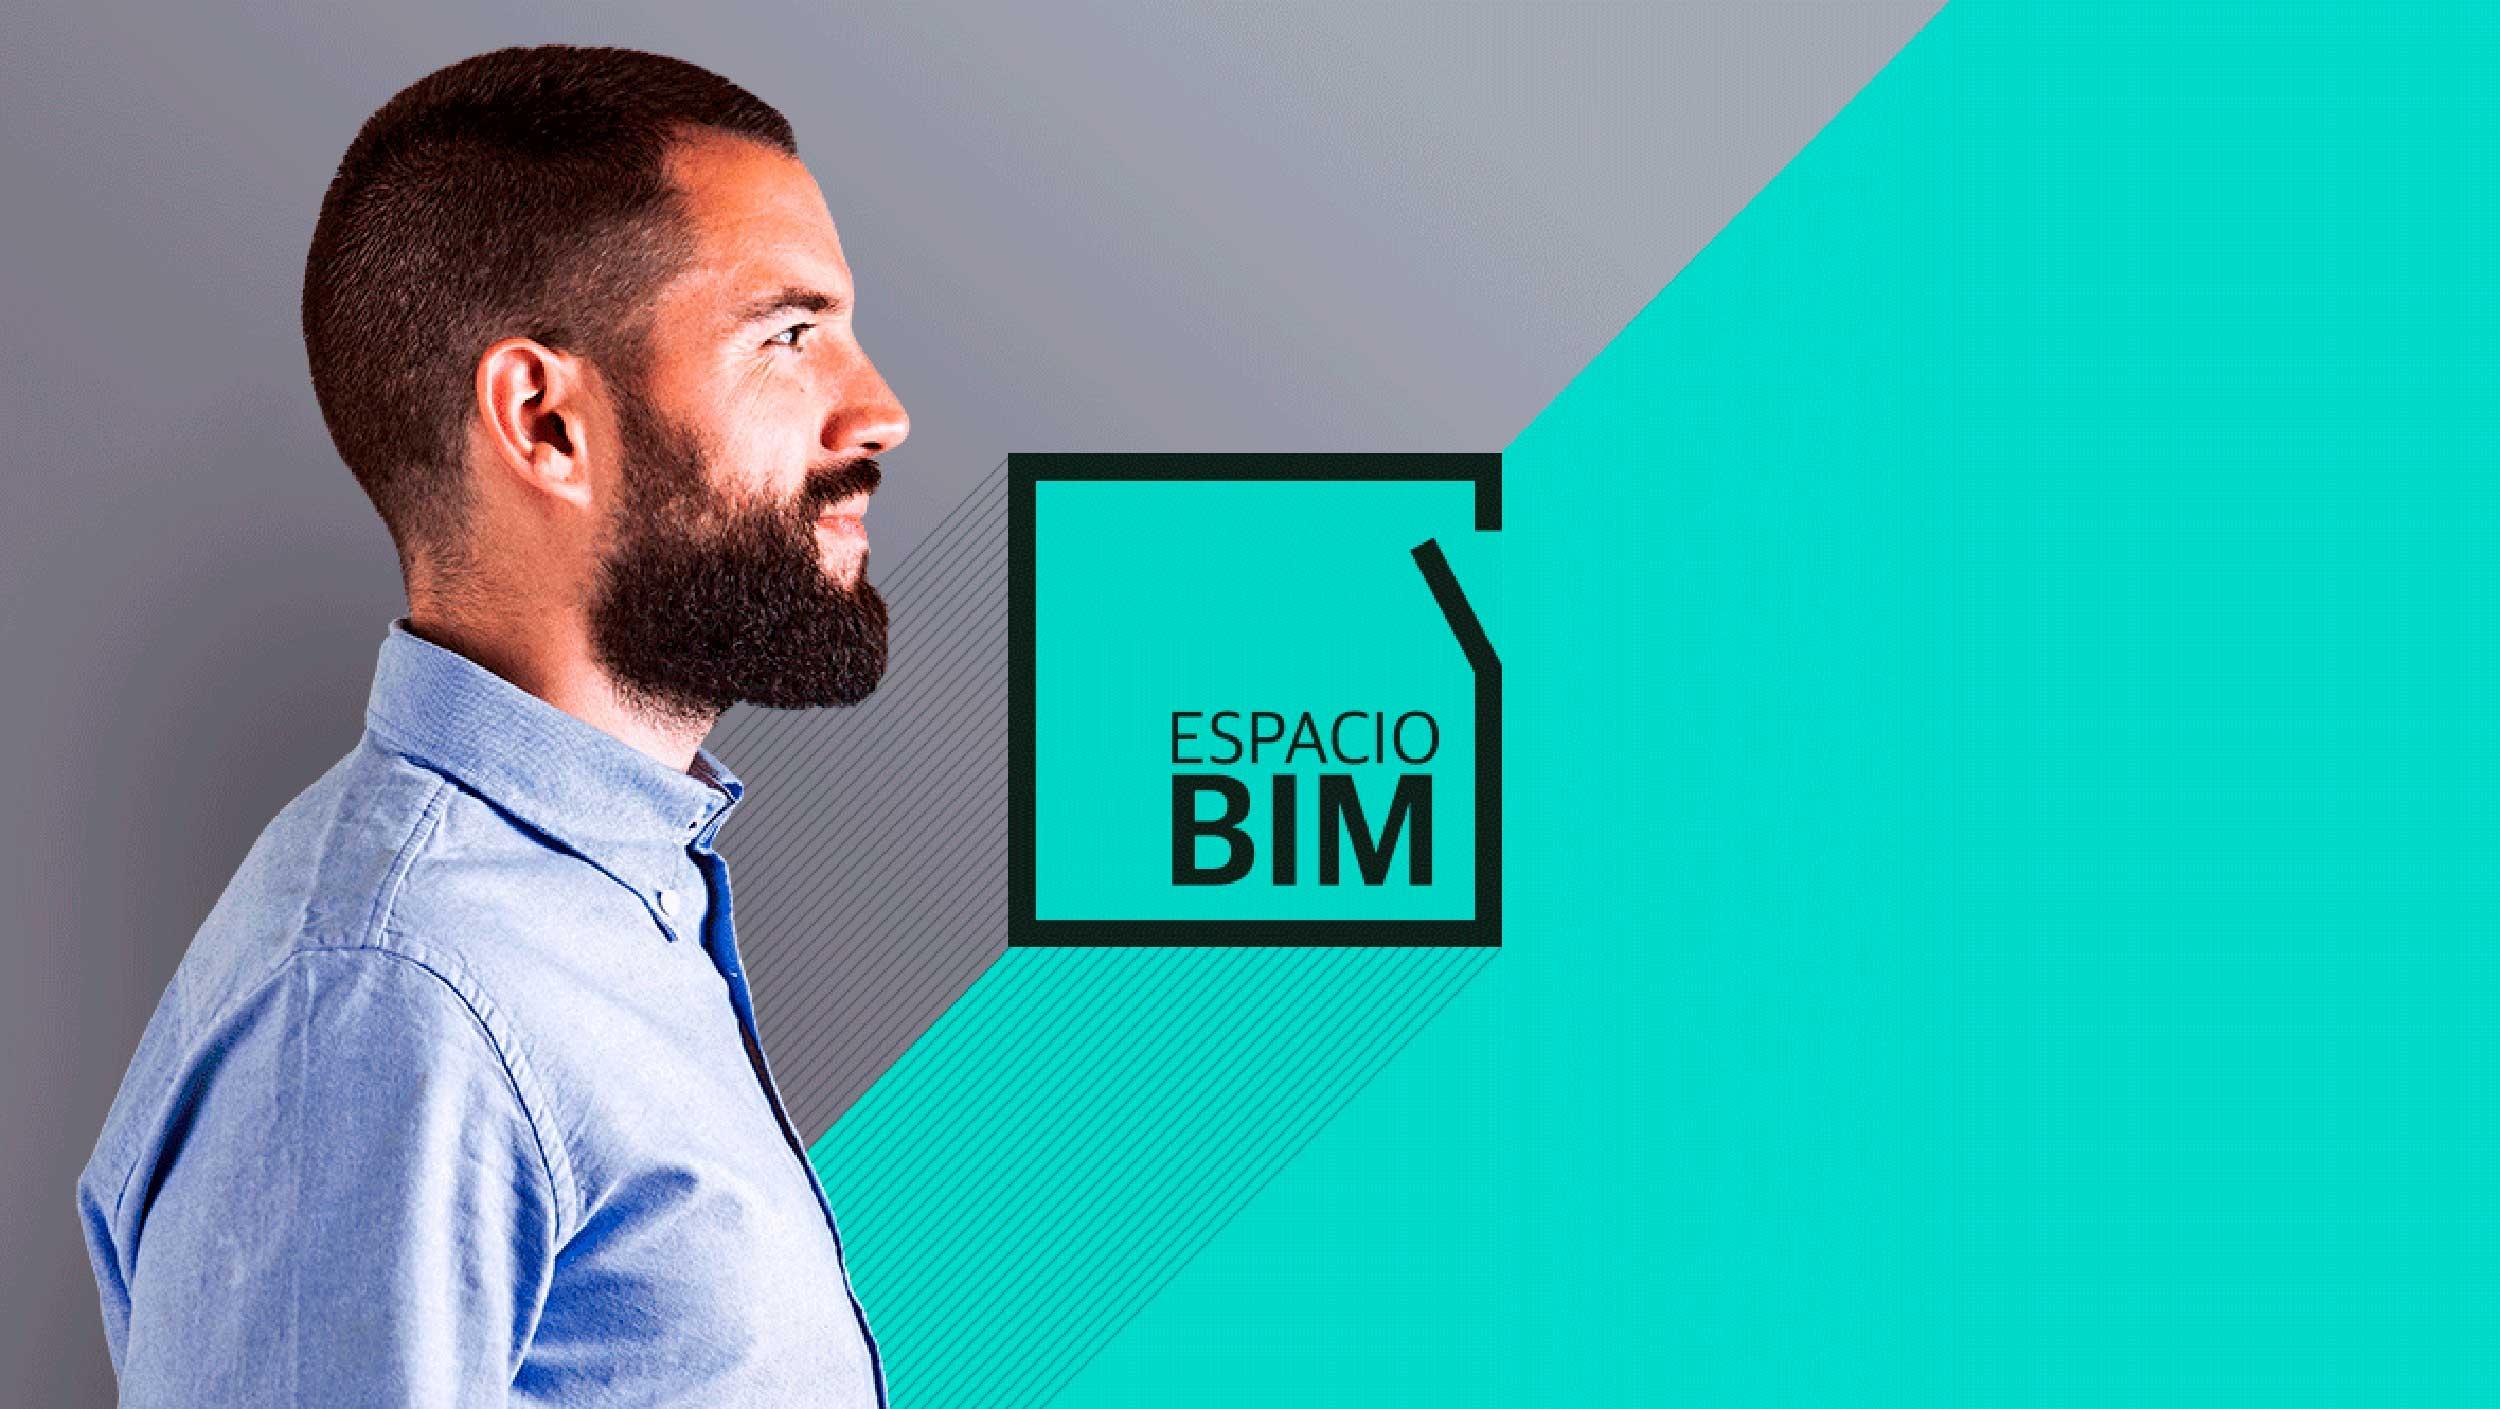 Espacio BIM (@espaciobim) Cover Image